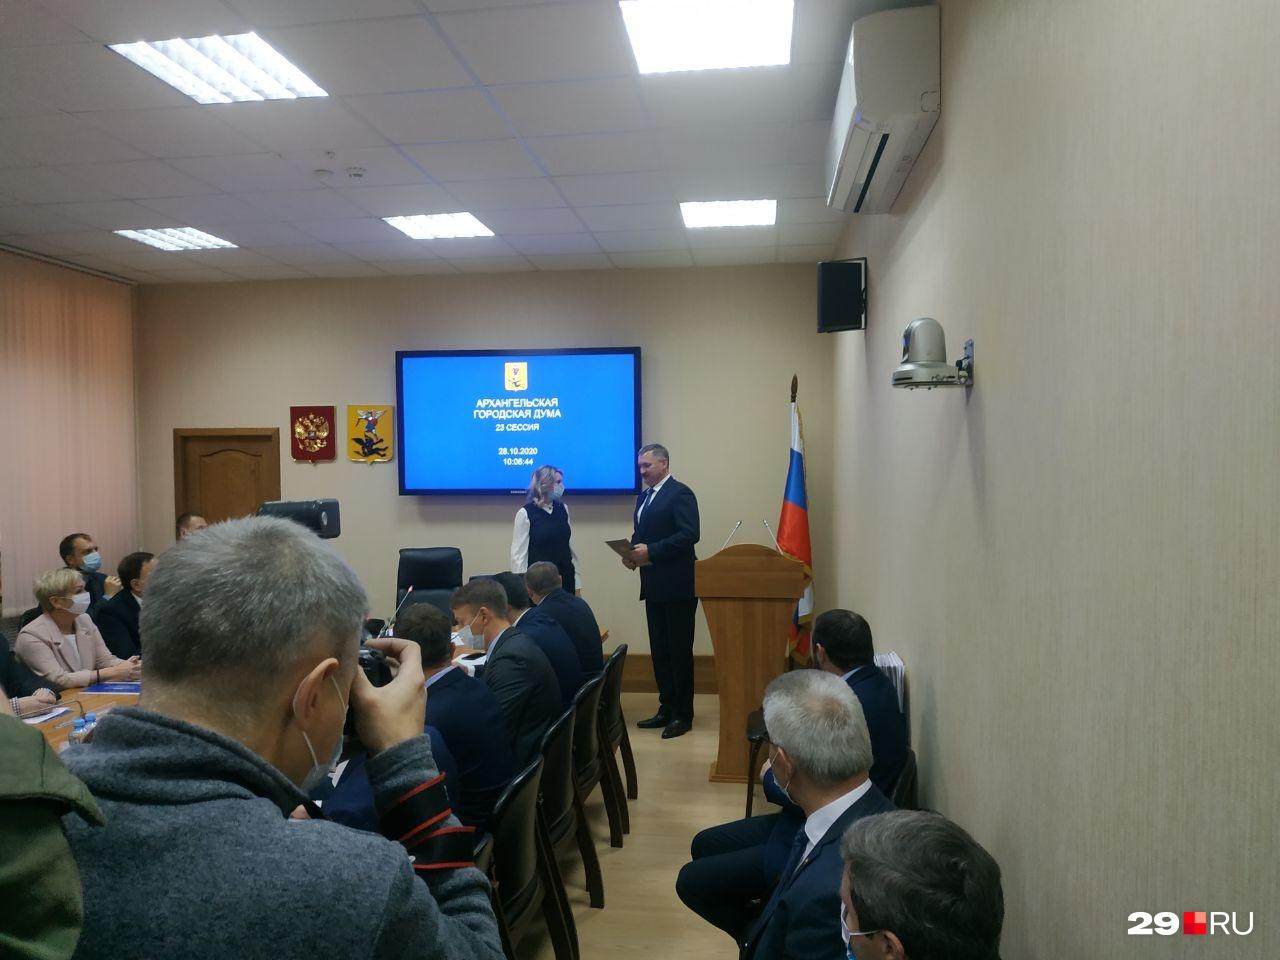 Присутствует и Игорь Годзиш, он пришел, чтобы передать свои полномочия новому главе